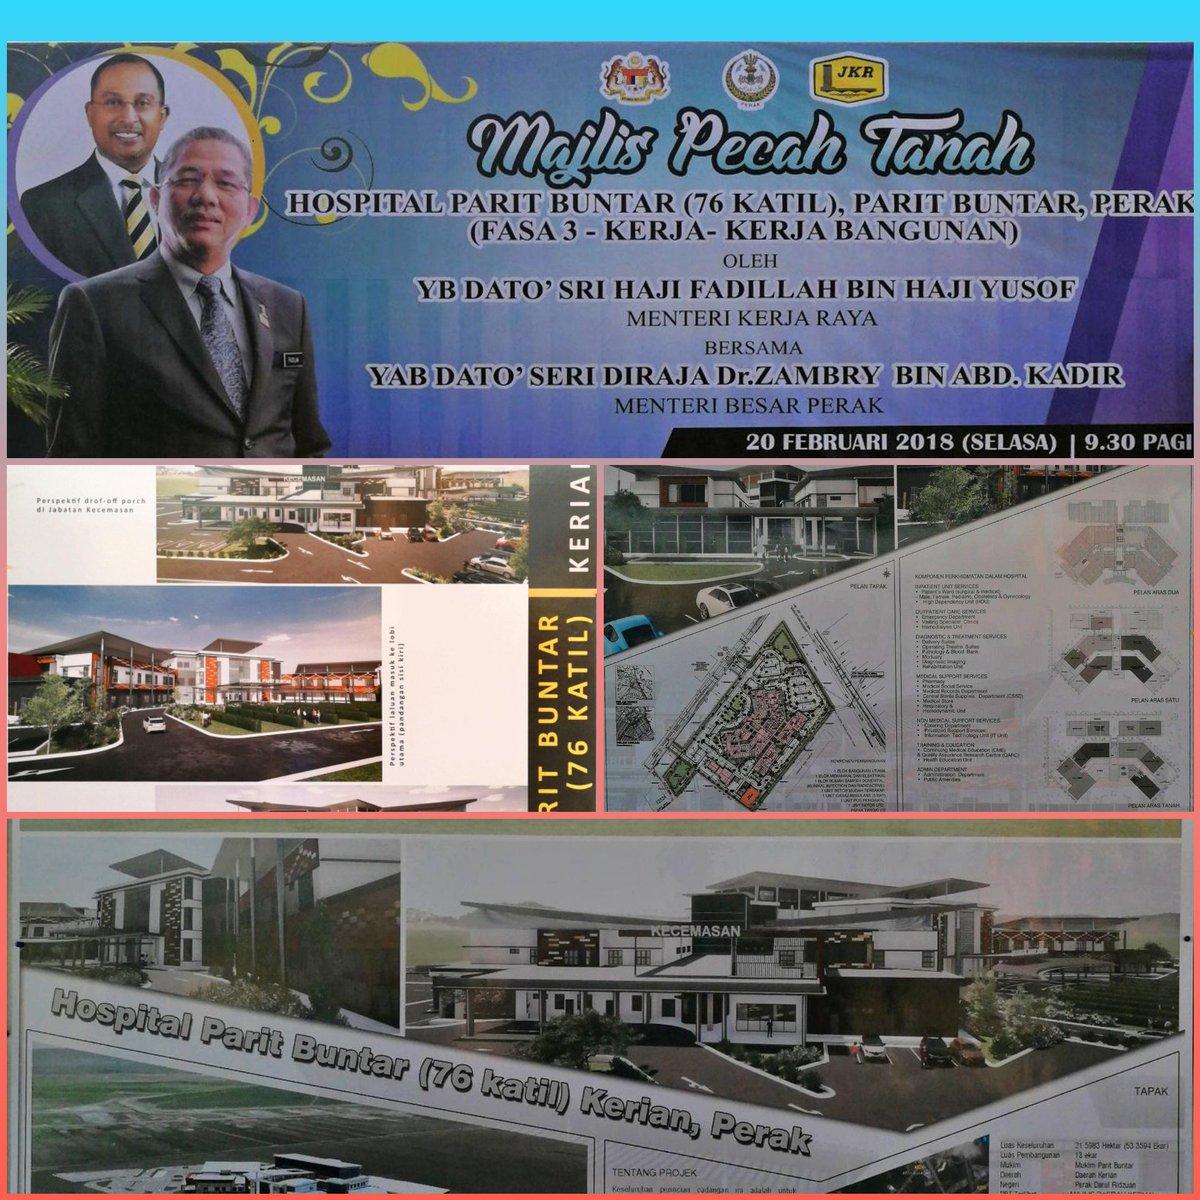 KPKR @RoslanMdTaha hadir majlis permulaan pembinaan Hospital Parit Buntar yg disempurnakan oleh YBM @PetraJayaMP. Projek hospital 76 katil pertama gunapakai kaedah Building information Modelling BIM  @NajibRazak #InfraRakyat @ZambryOfficial @MOWorks @JKRMalaysia @KKMPutrajaya